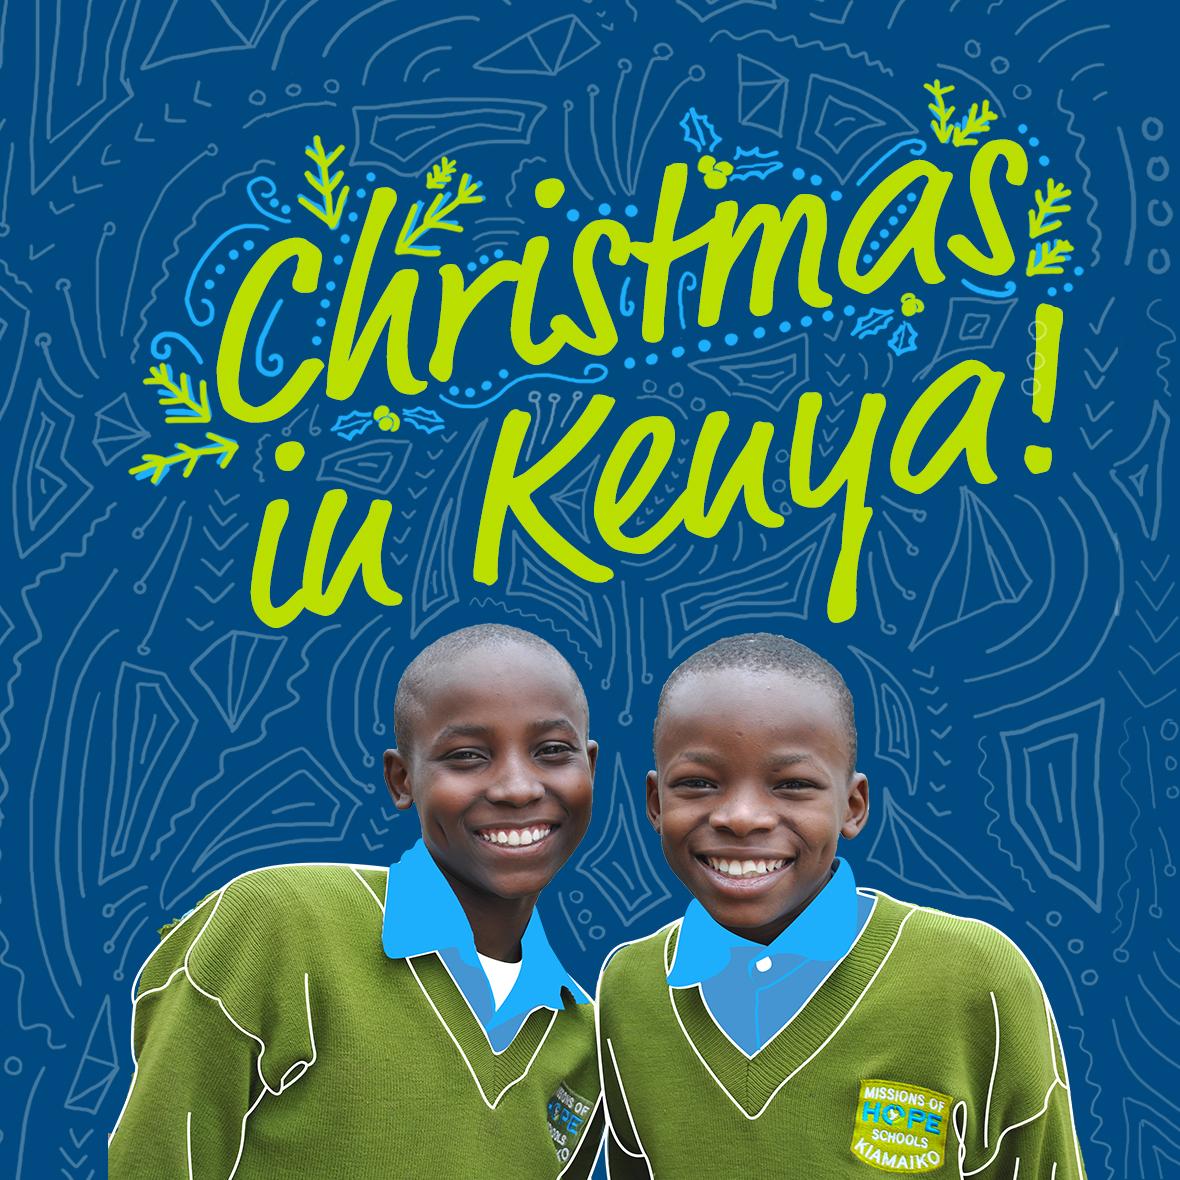 Christmas in Kenya